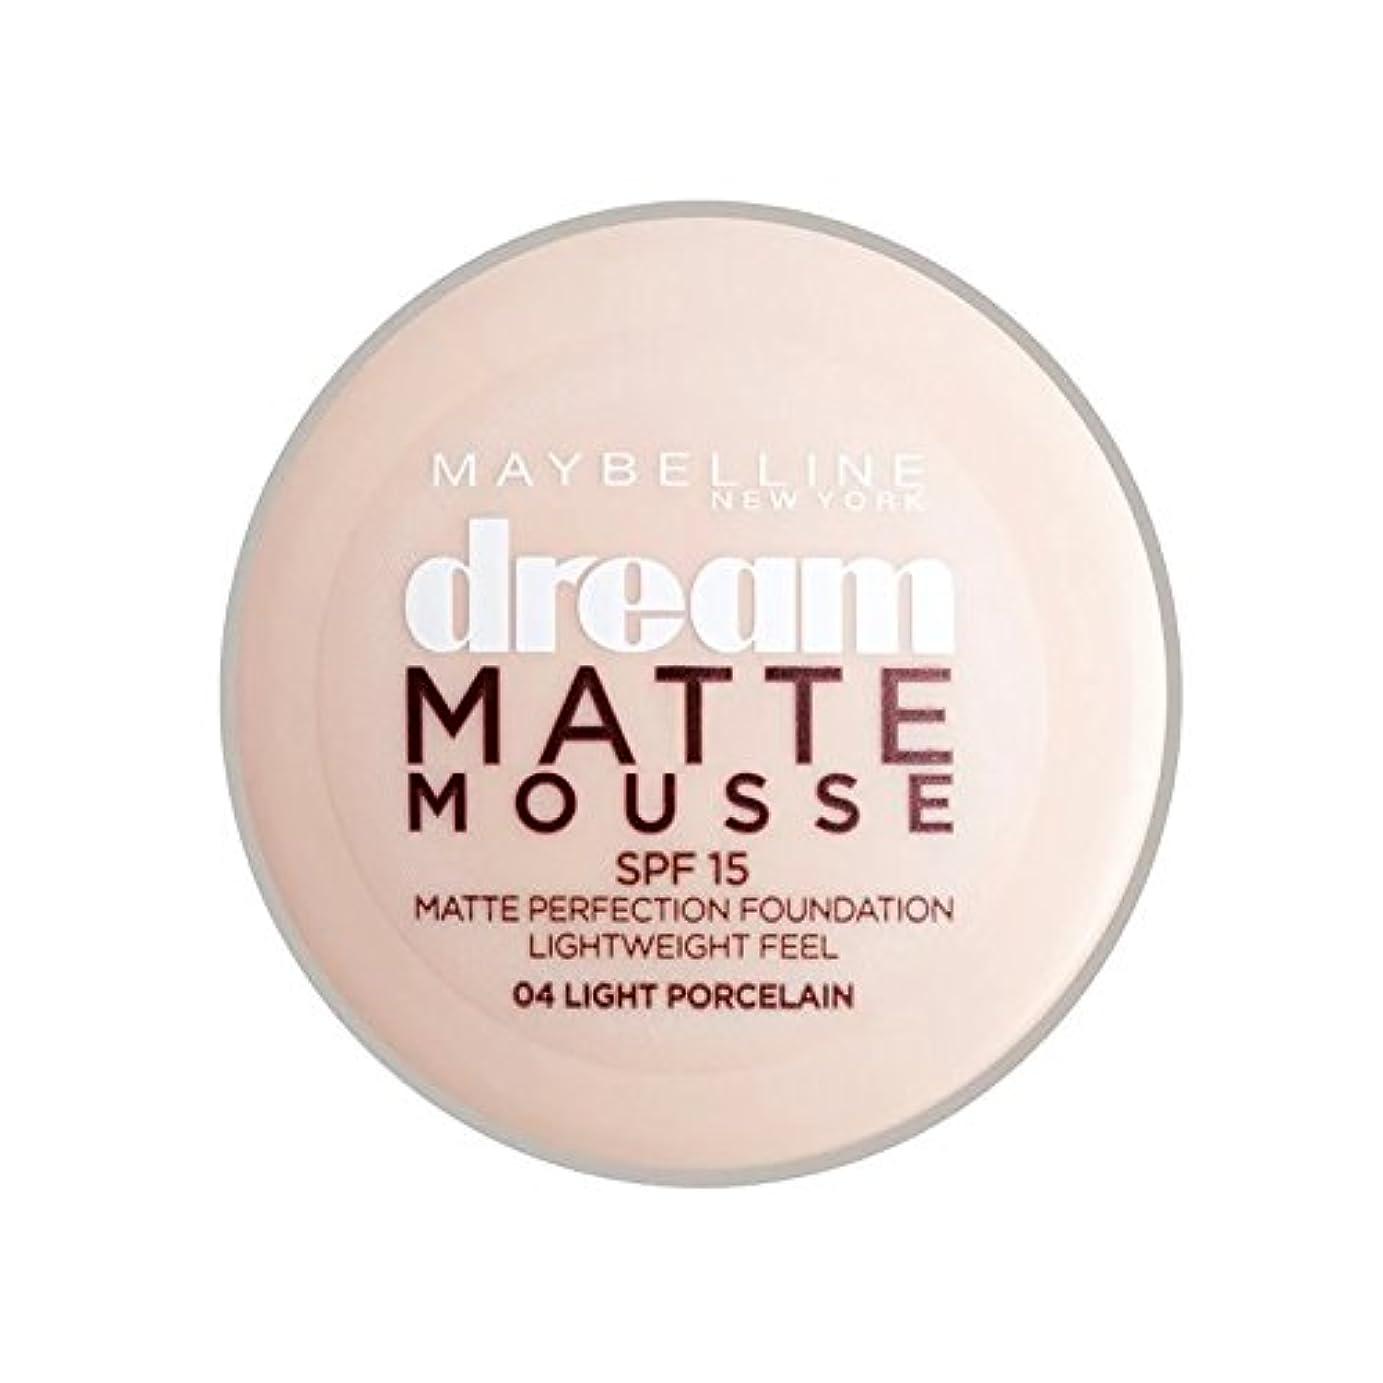 主観的ビルダー廃棄するメイベリン夢のマットムース土台04磁器30ミリリットル x2 - Maybelline Dream Matte Mousse Foundation 04 Porcelain 30ml (Pack of 2) [並行輸入品]